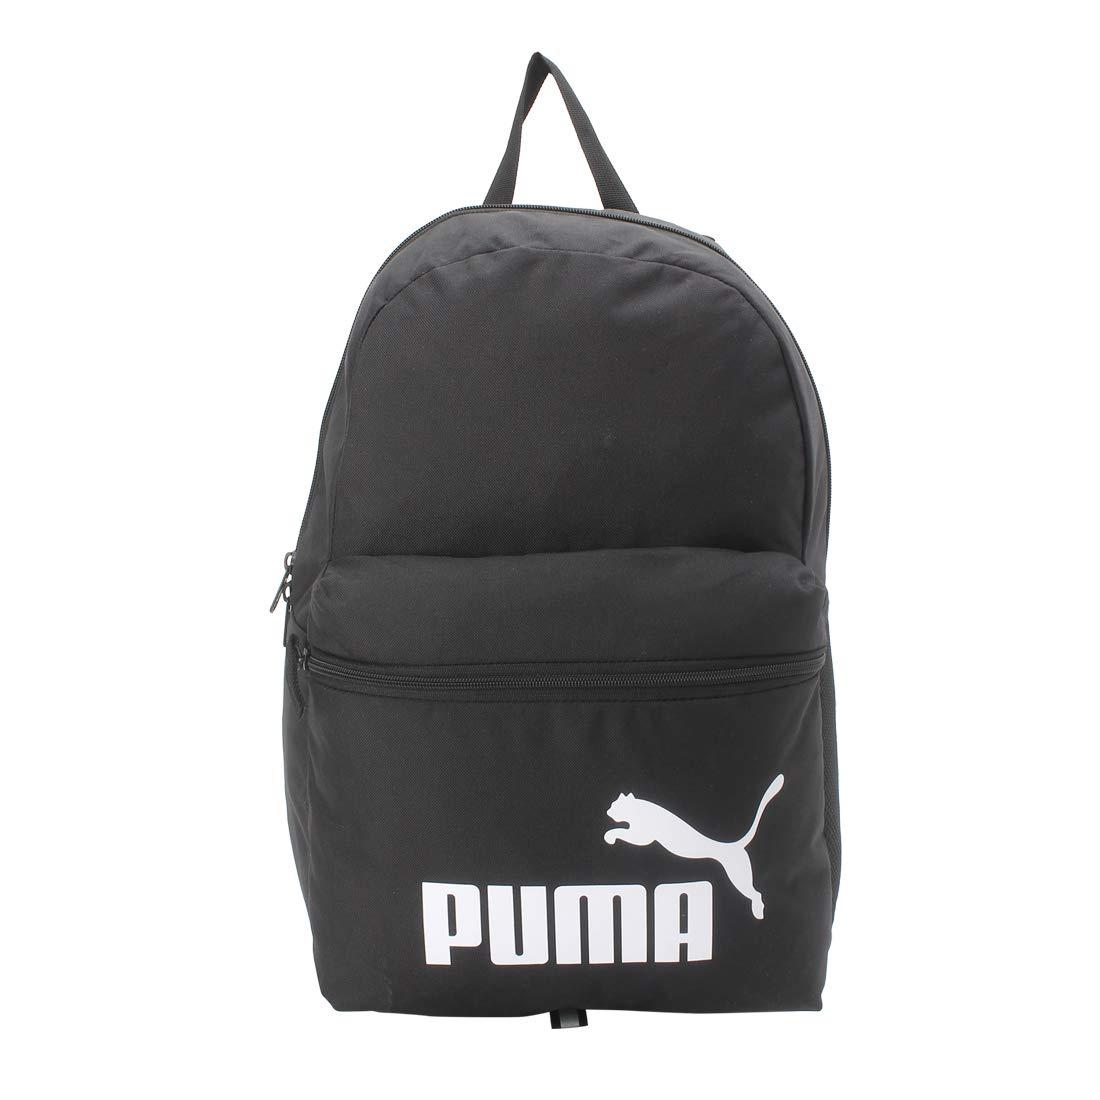 Puma 75487 Sac /à Dos Mixte Adulte